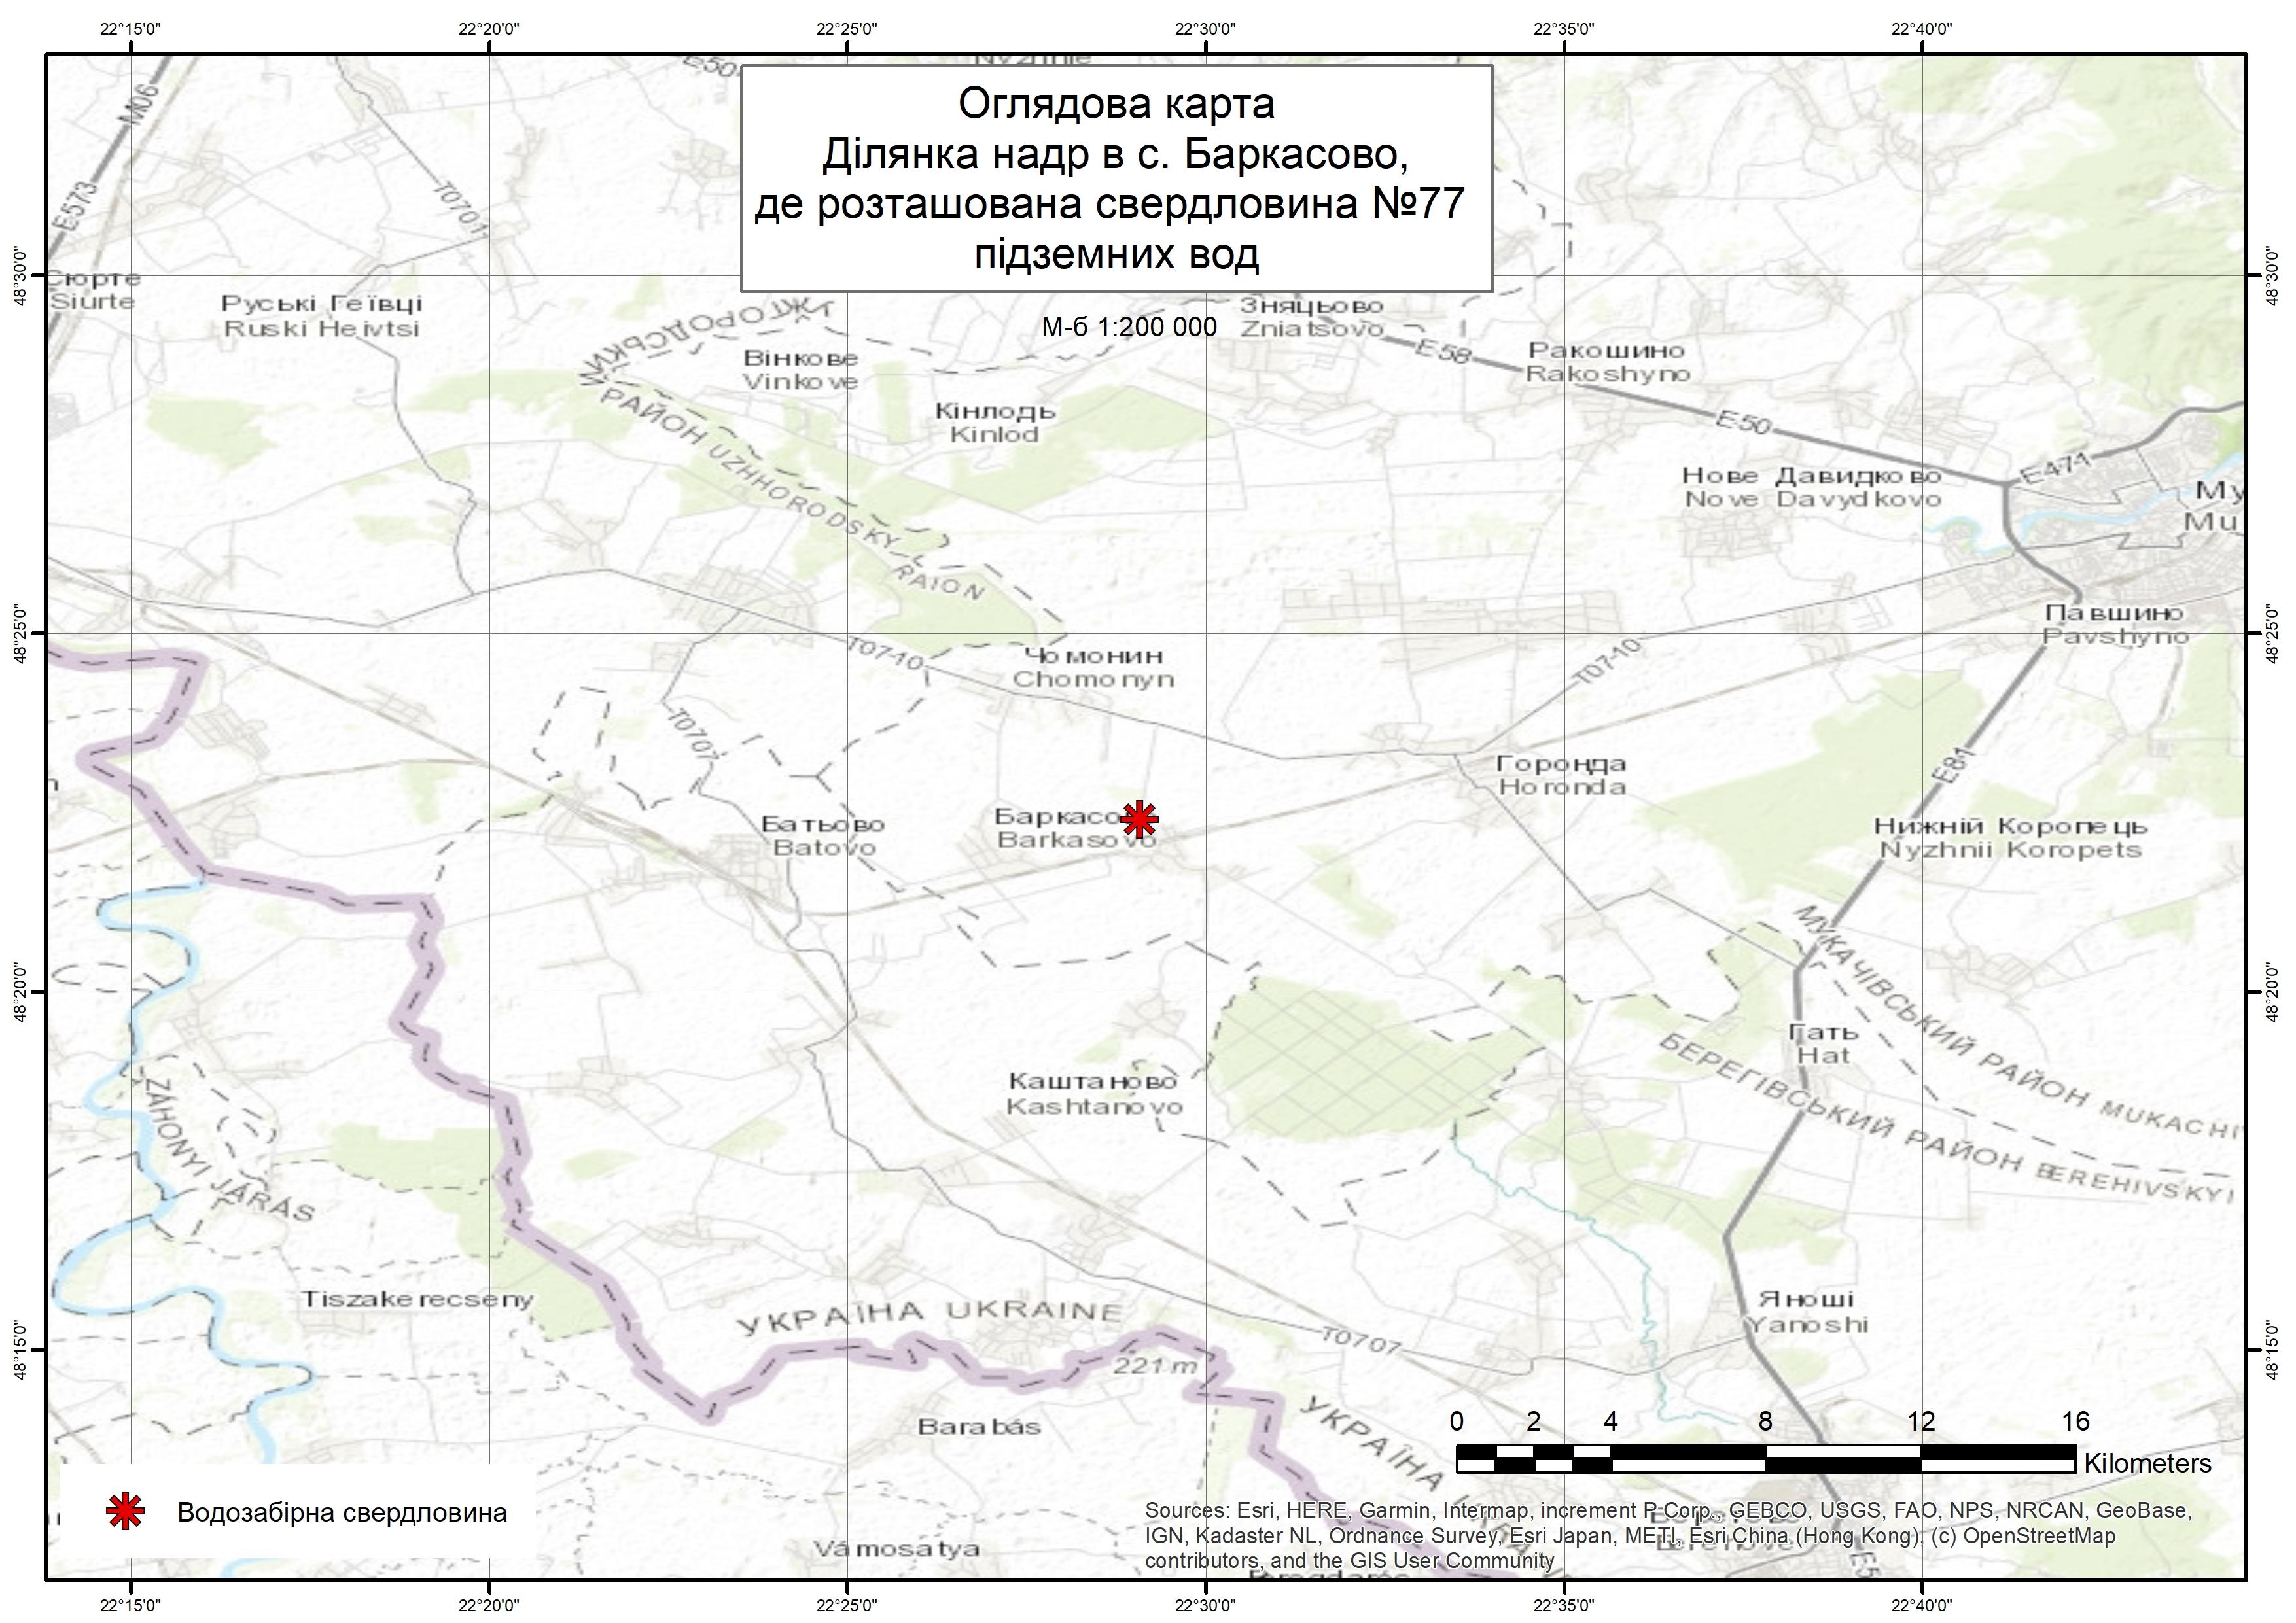 Спеціальний дозвіл на користування надрами – Ділянка надр в с. Баркасово, де розташована свердловина № 77. Вартість геологічної інформації – 65 822,62 грн (з ПДВ). Вартість пакету аукціонної документації – 4 500 грн (з ПДВ).